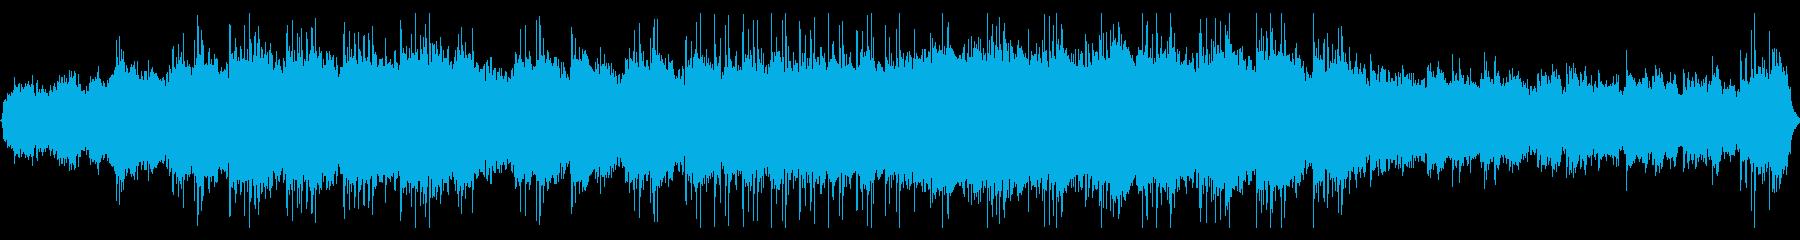 重低音の迫りくる緊張と高揚感がある旋律の再生済みの波形